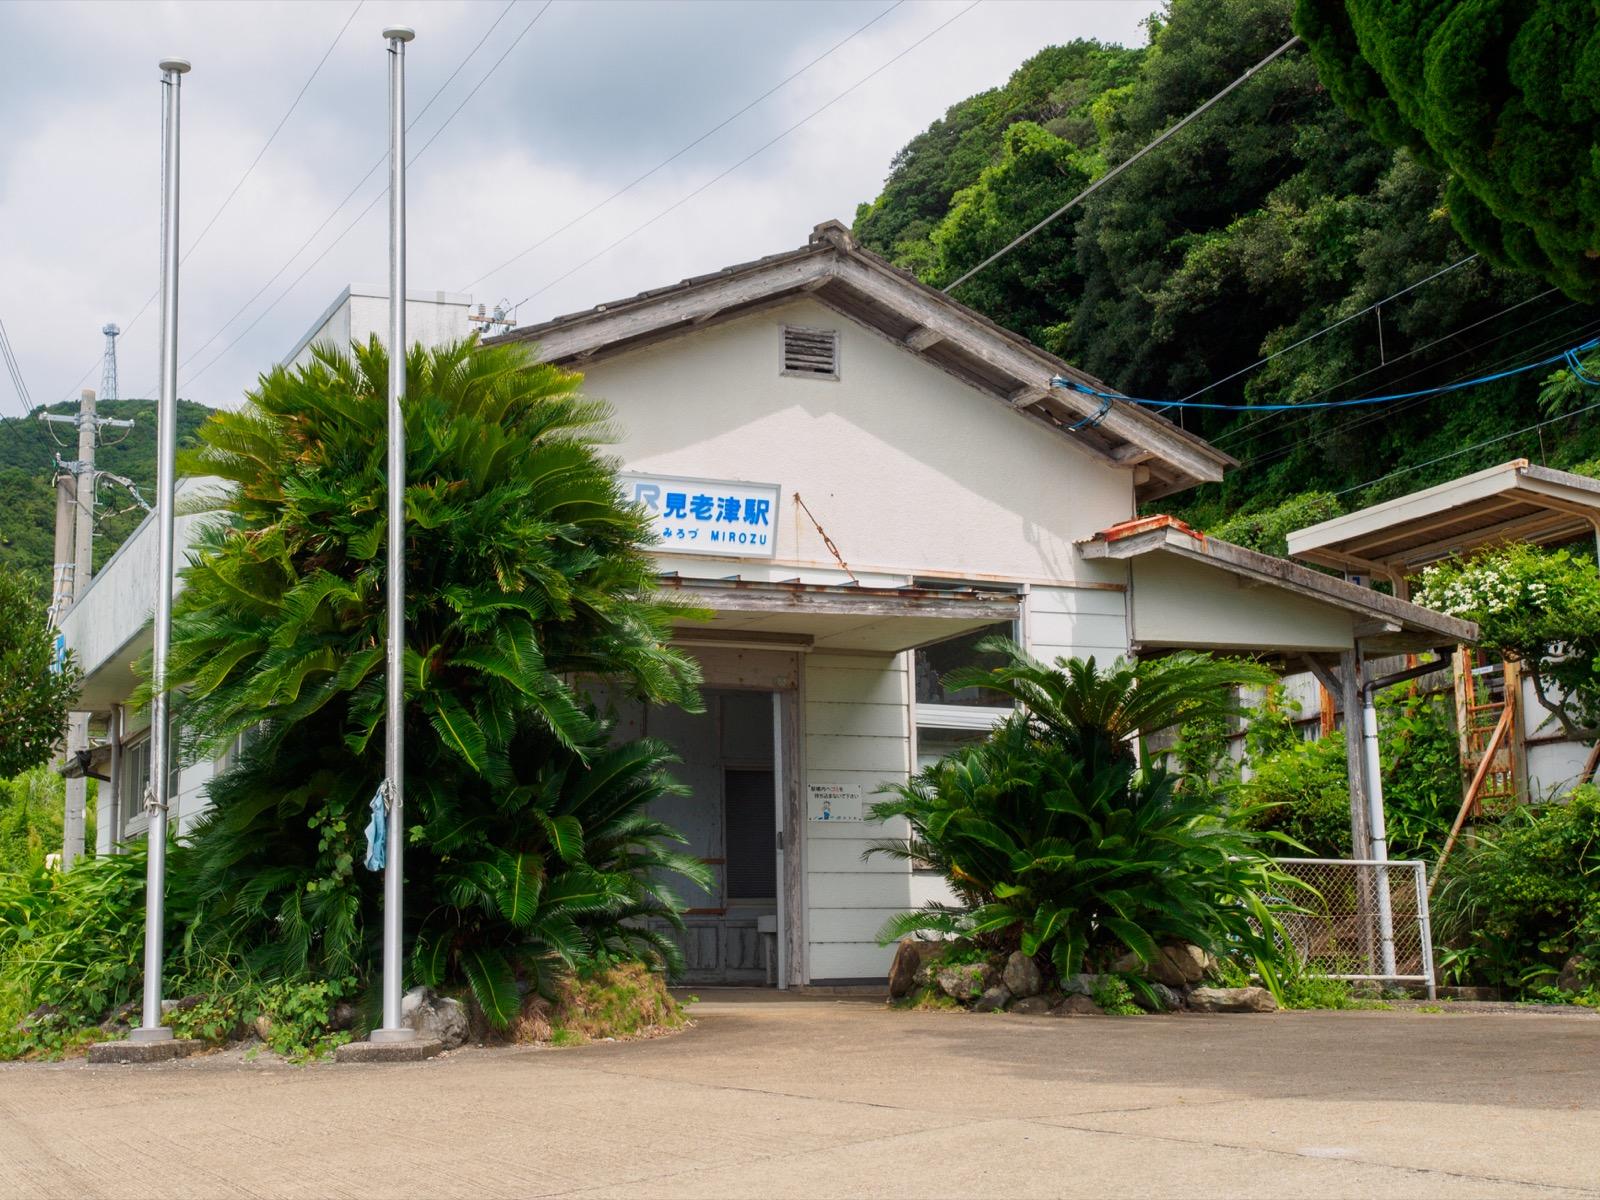 見老津駅の駅舎